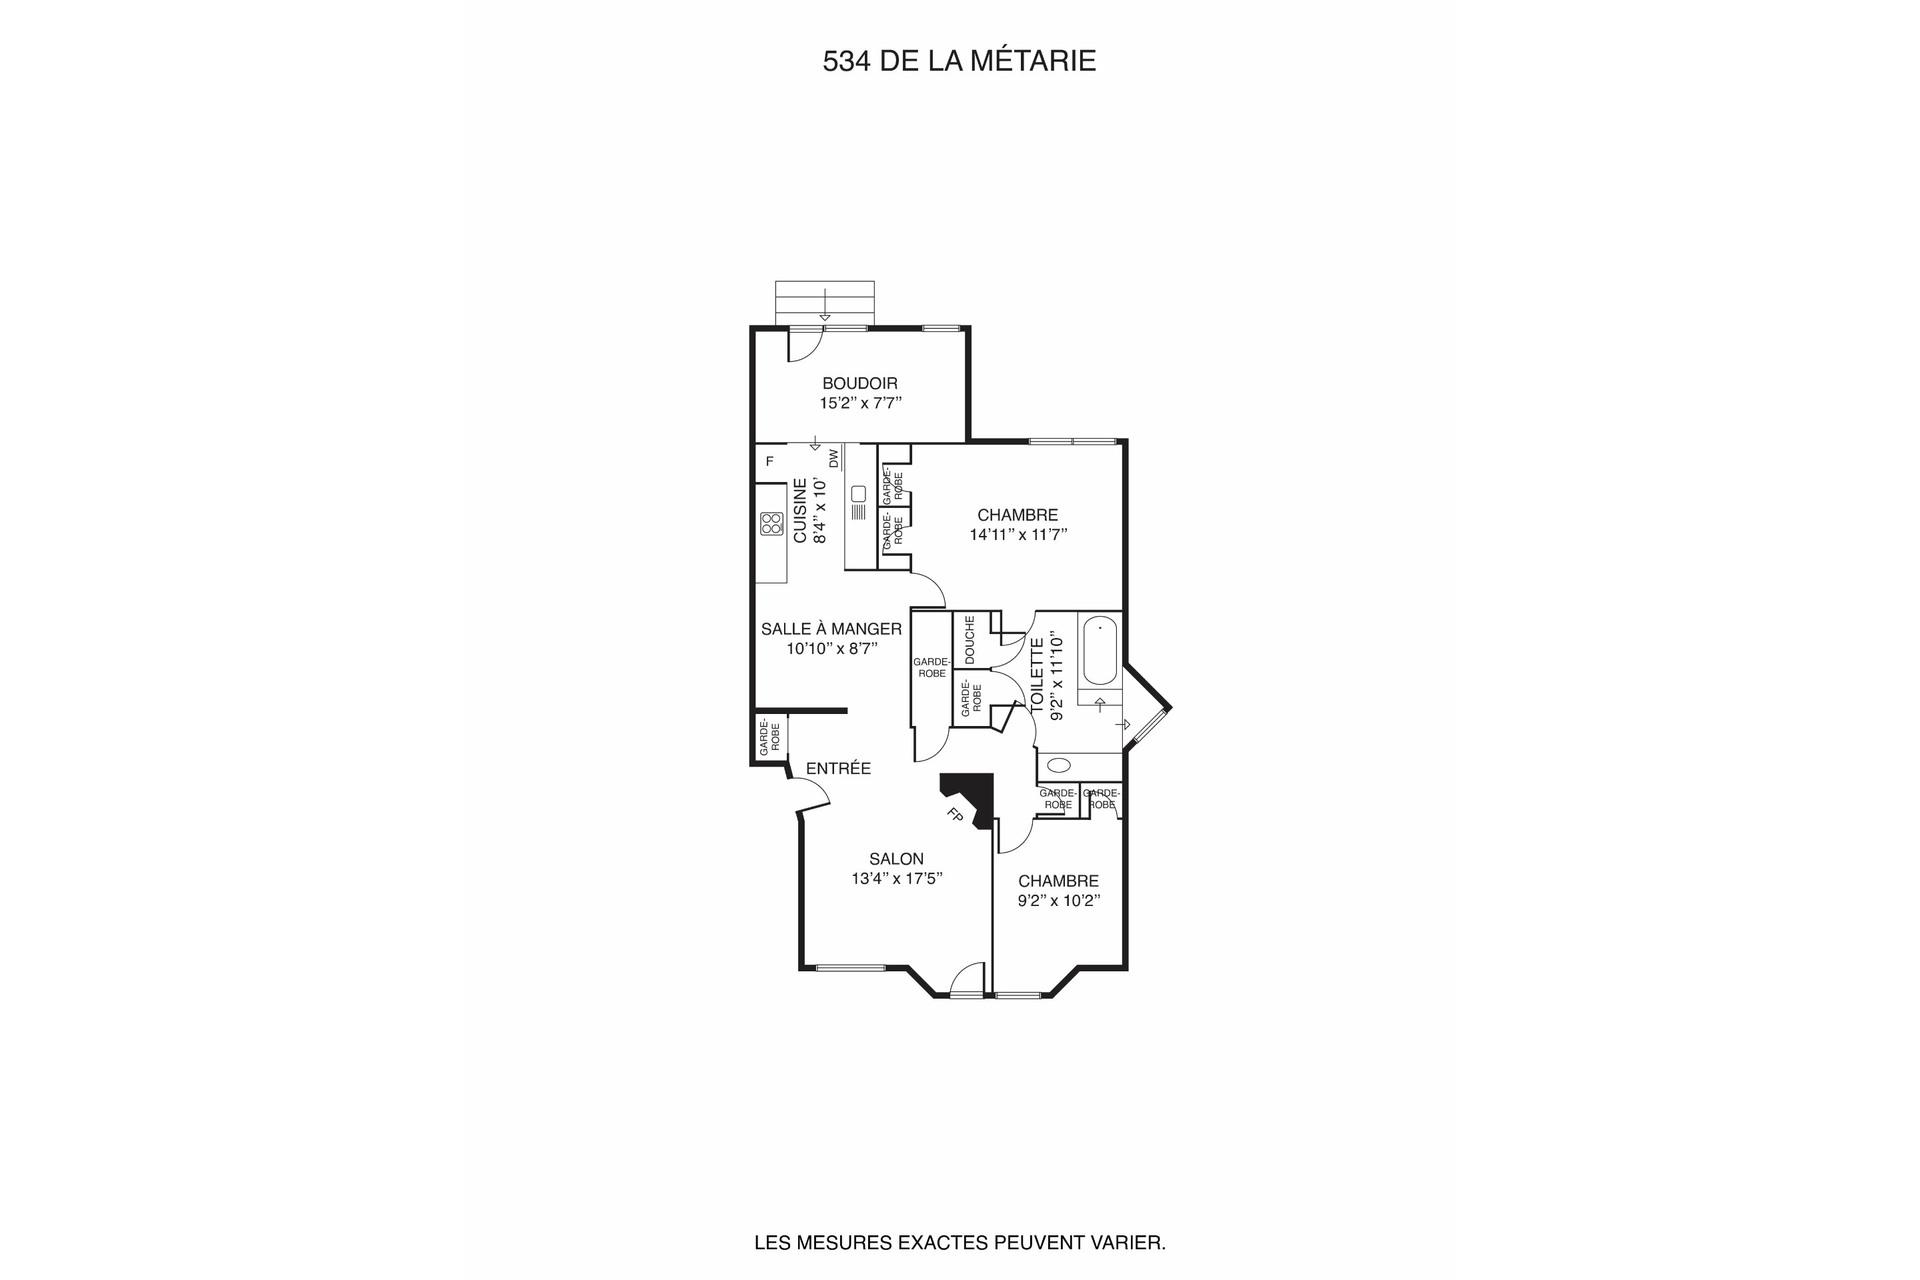 image 27 - Appartement À vendre Verdun/Île-des-Soeurs Montréal  - 7 pièces